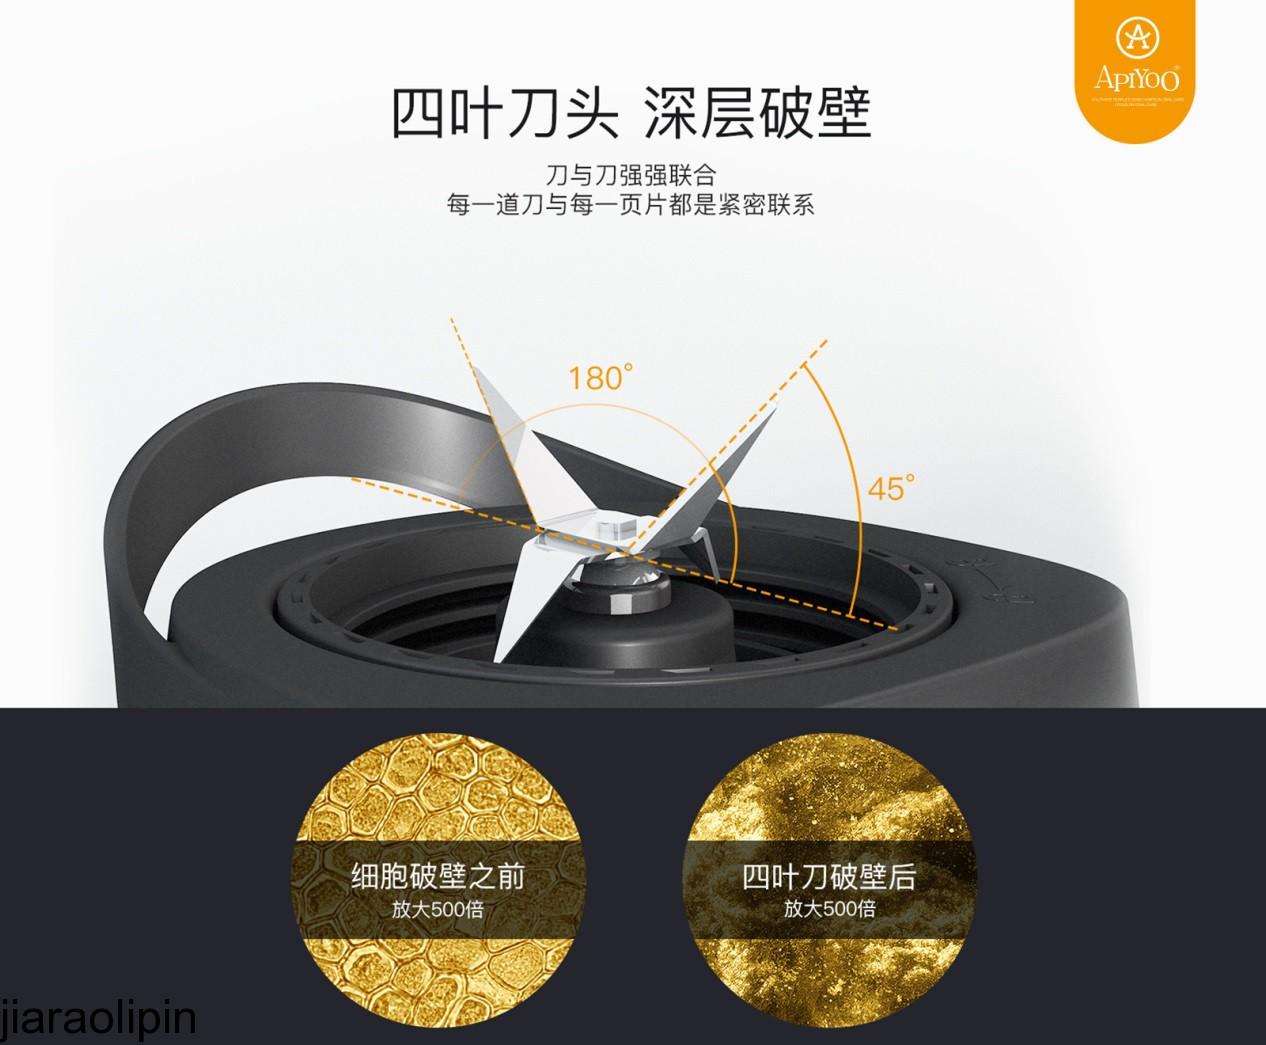 南京节日员工礼品定制|三八节给妈妈们的礼物准备好了嘛?